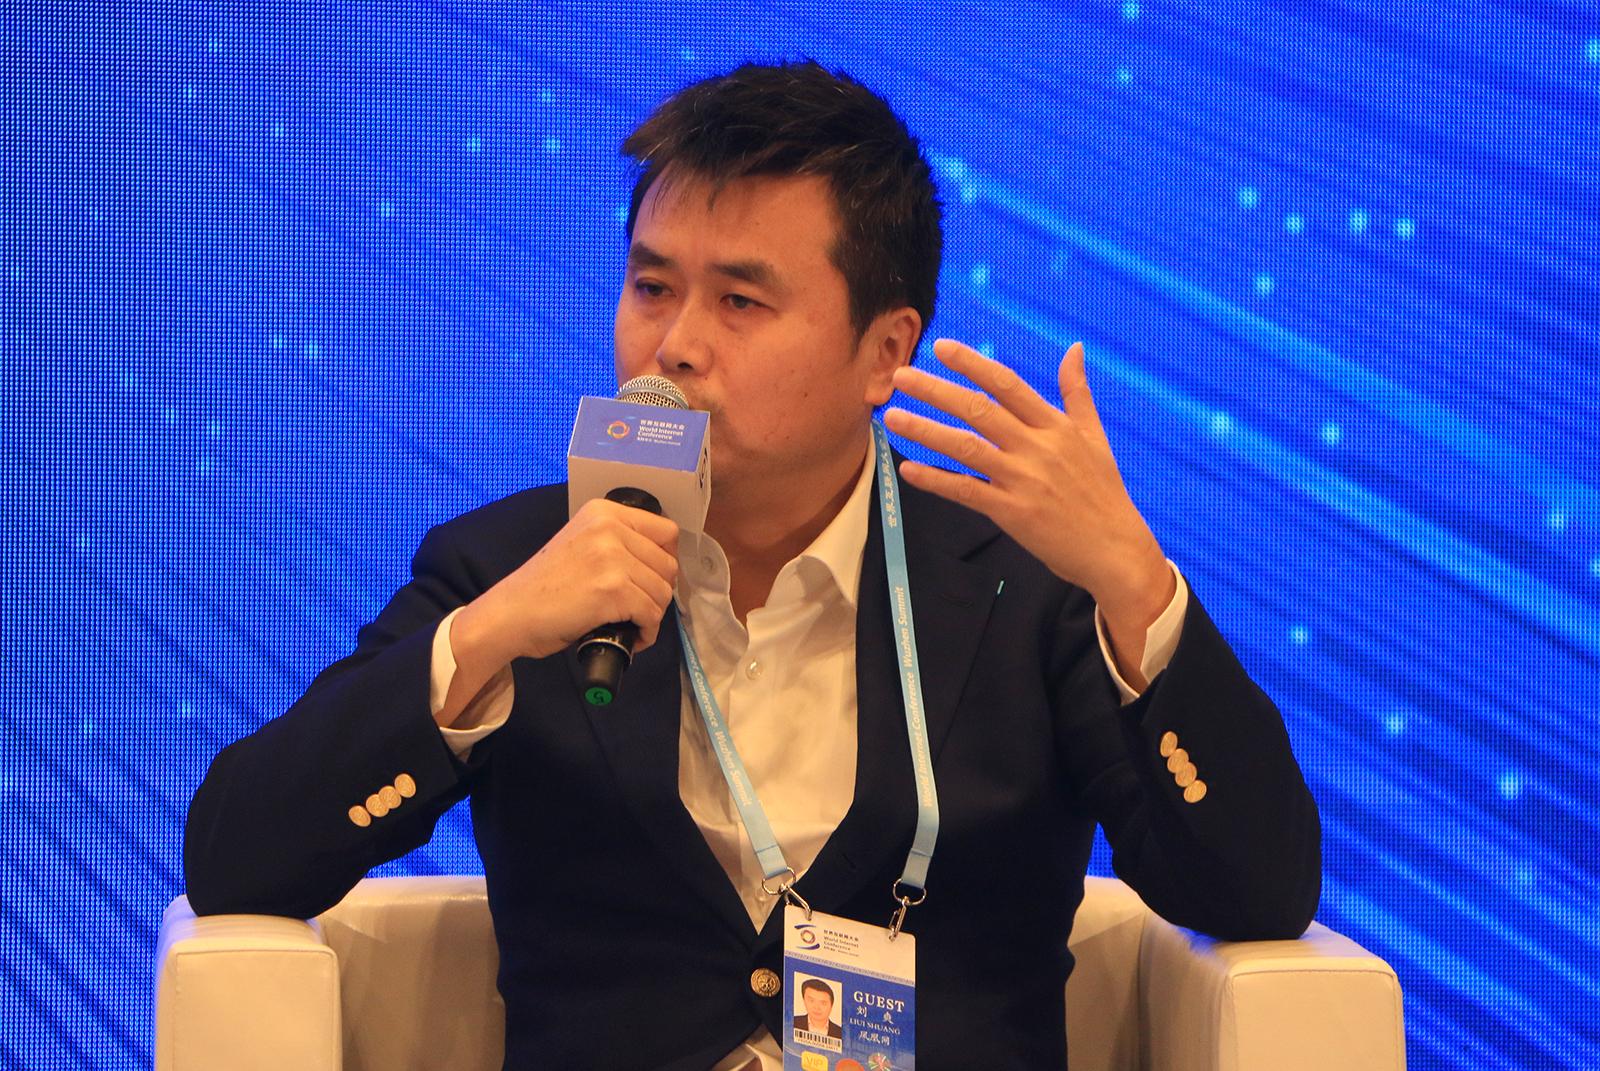 """凤凰网CEO刘爽在乌镇谈国际传播:""""把握规律"""",讲好中国故事"""